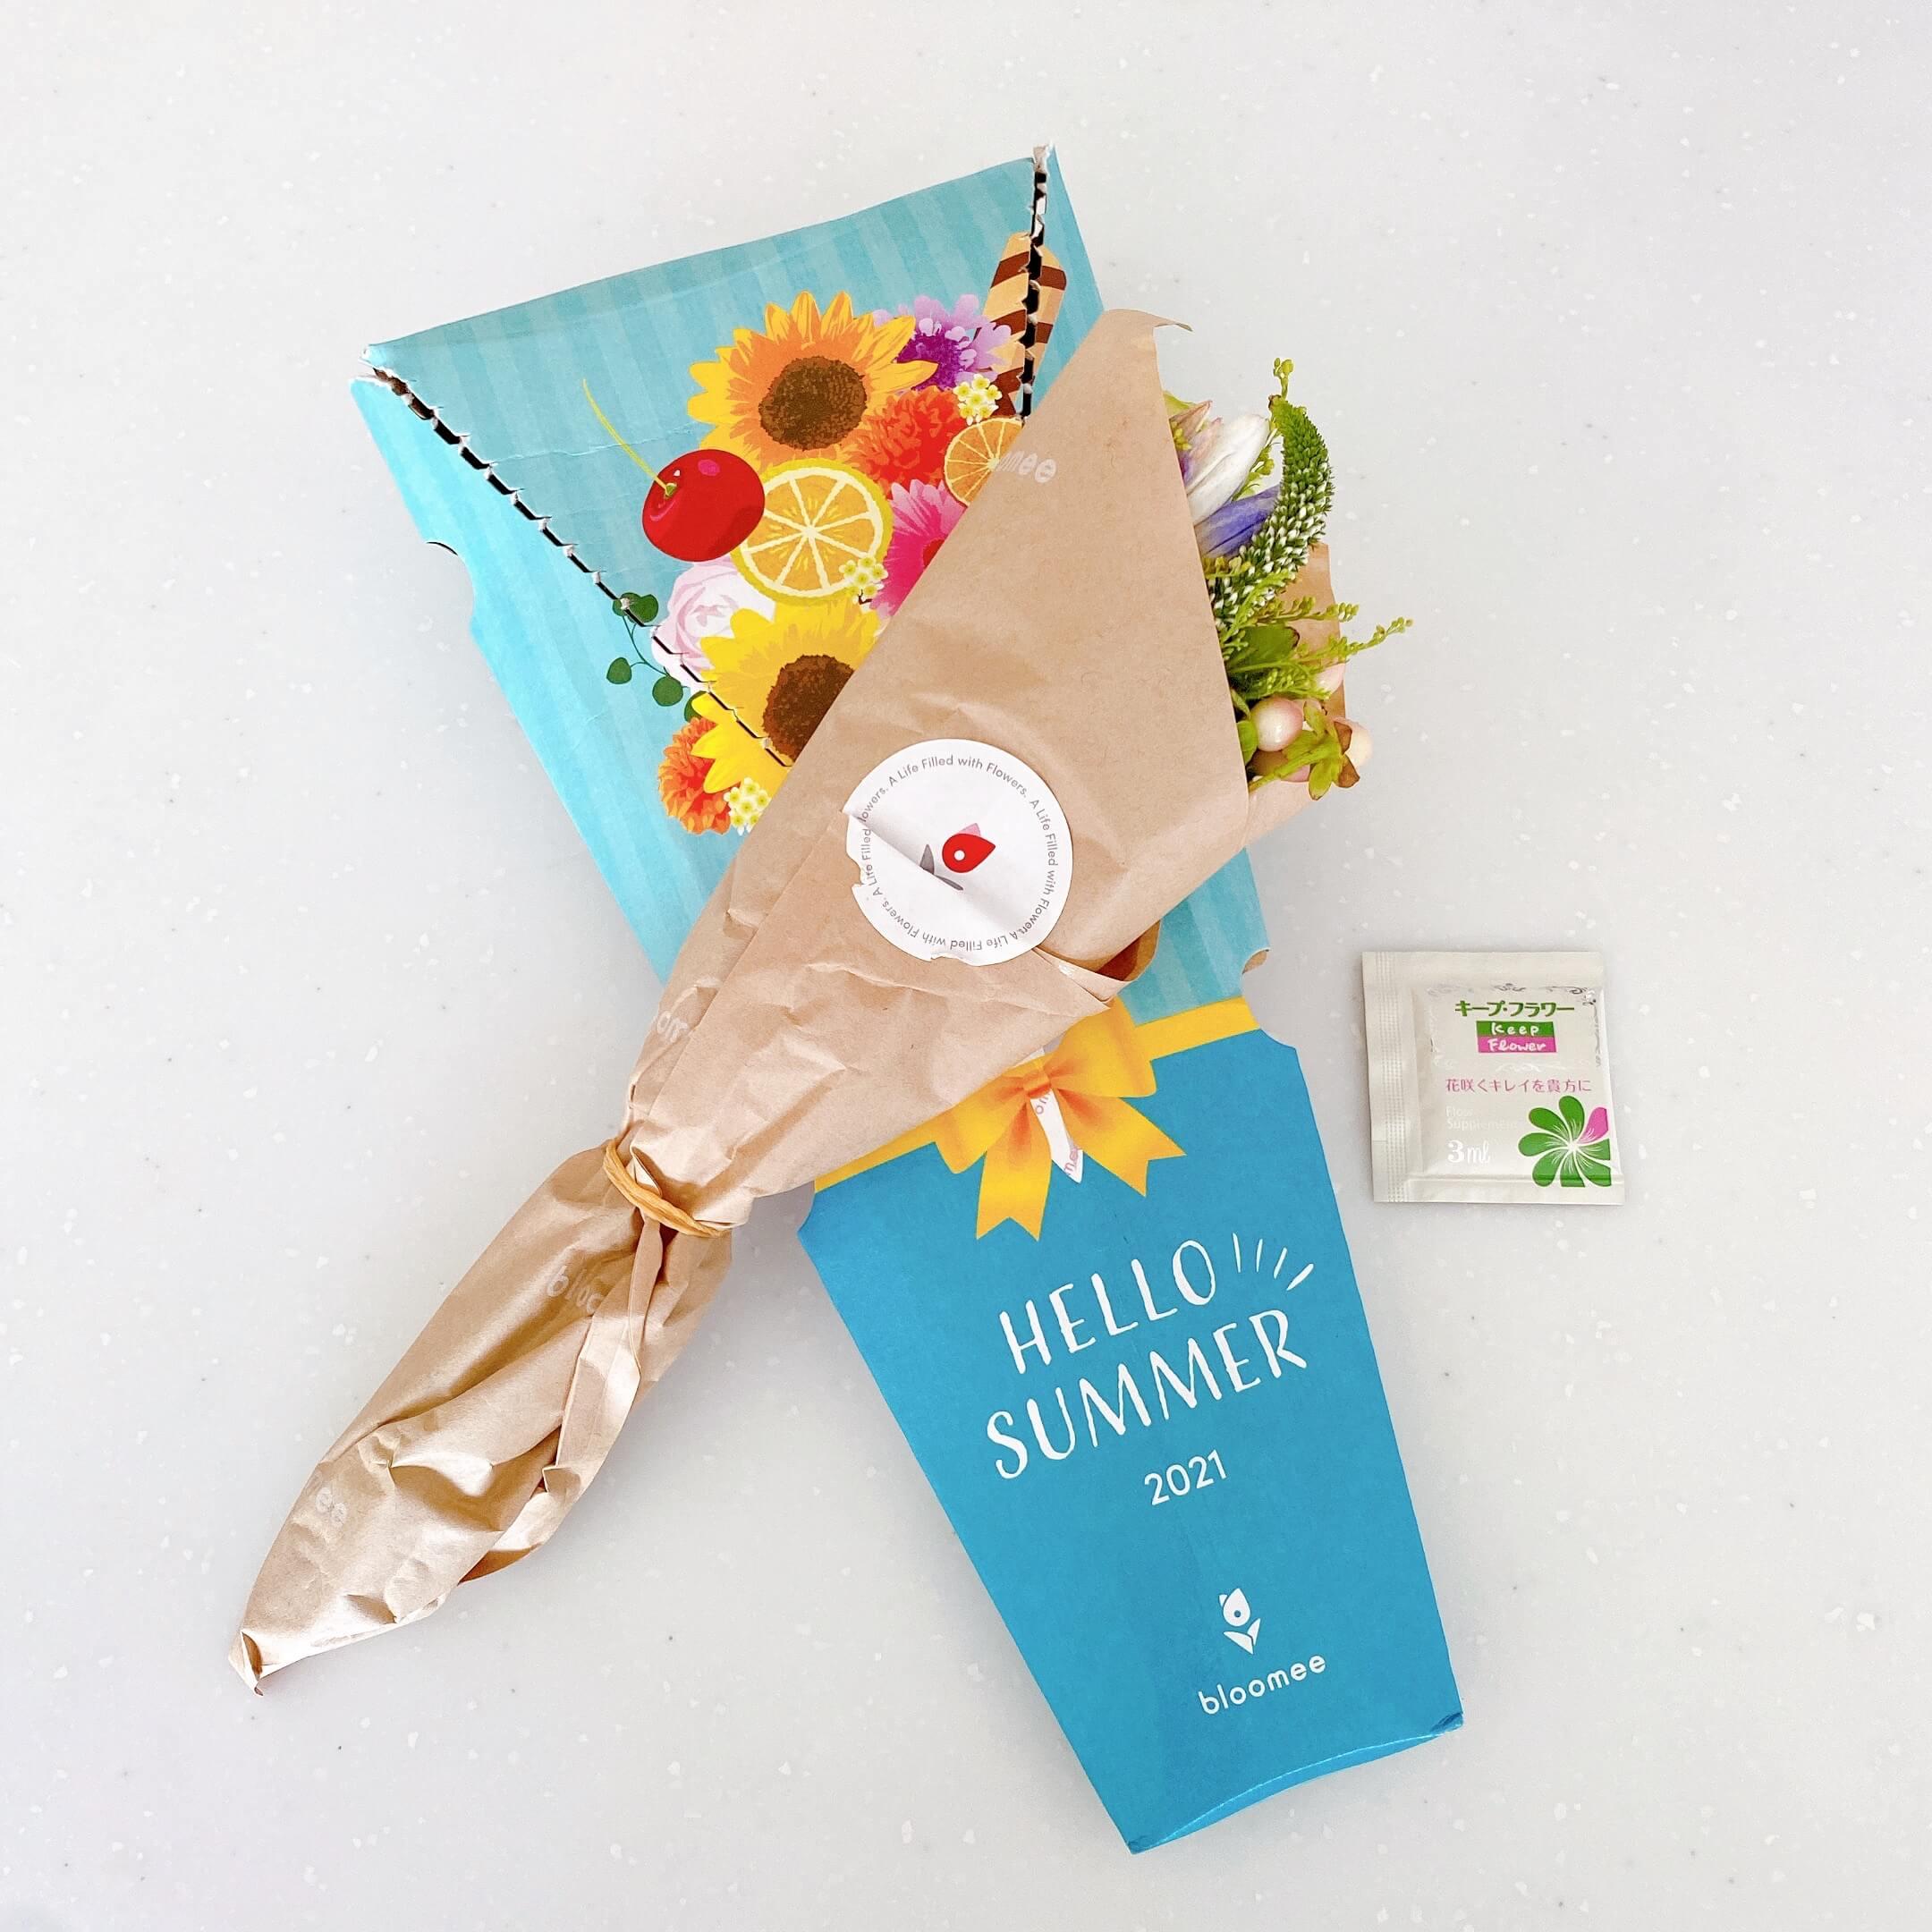 ブルーミーレギュラープランで届いたお花とサマーボックス